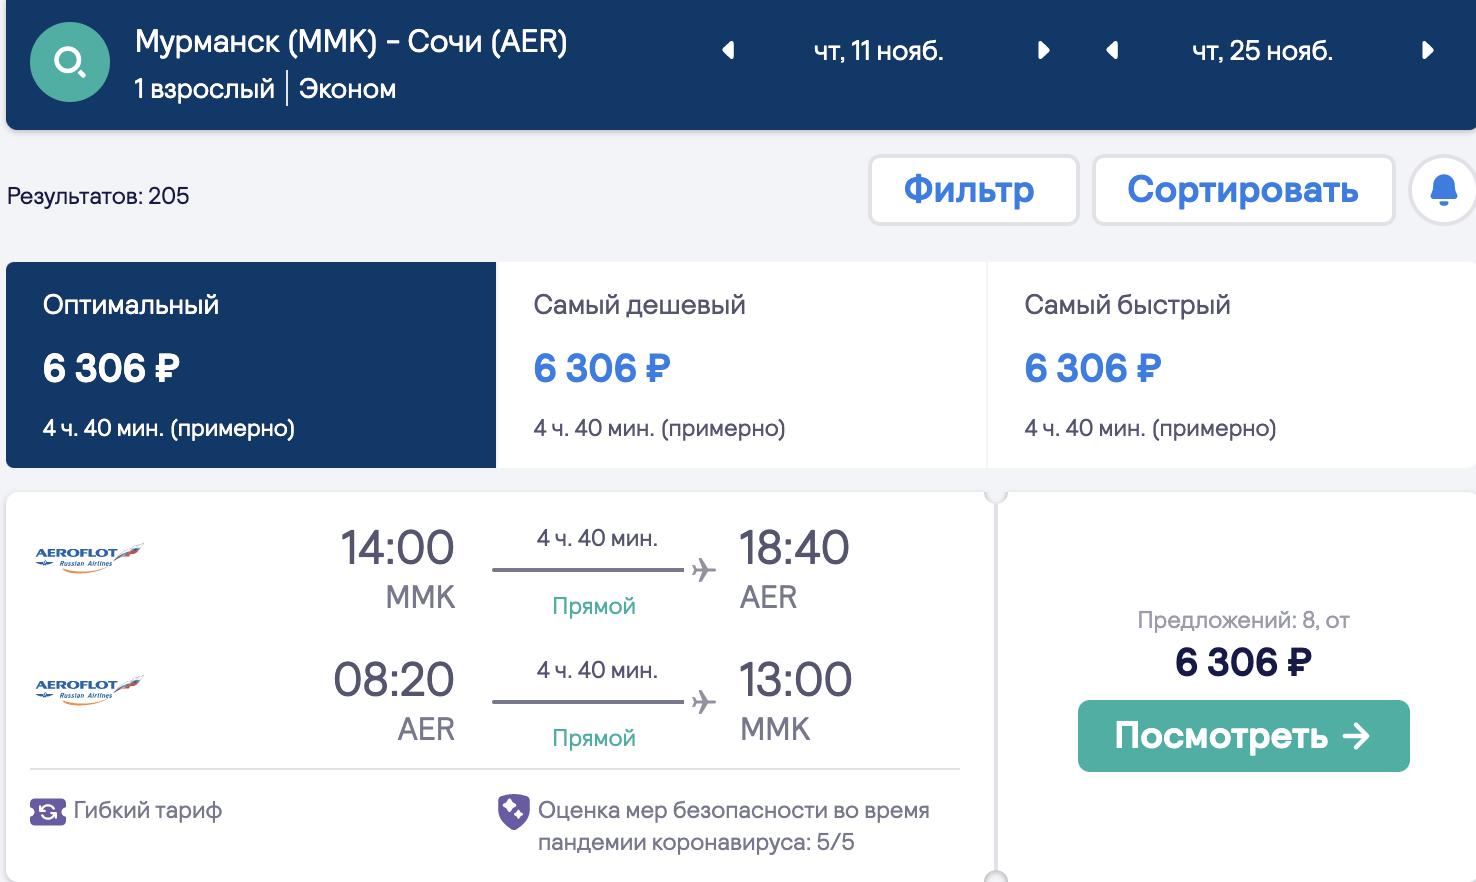 Дешевые рейсы Аэрофлота из Архангельска и Мурманска в Сочи от 5200₽ туда-обратно до конца марта